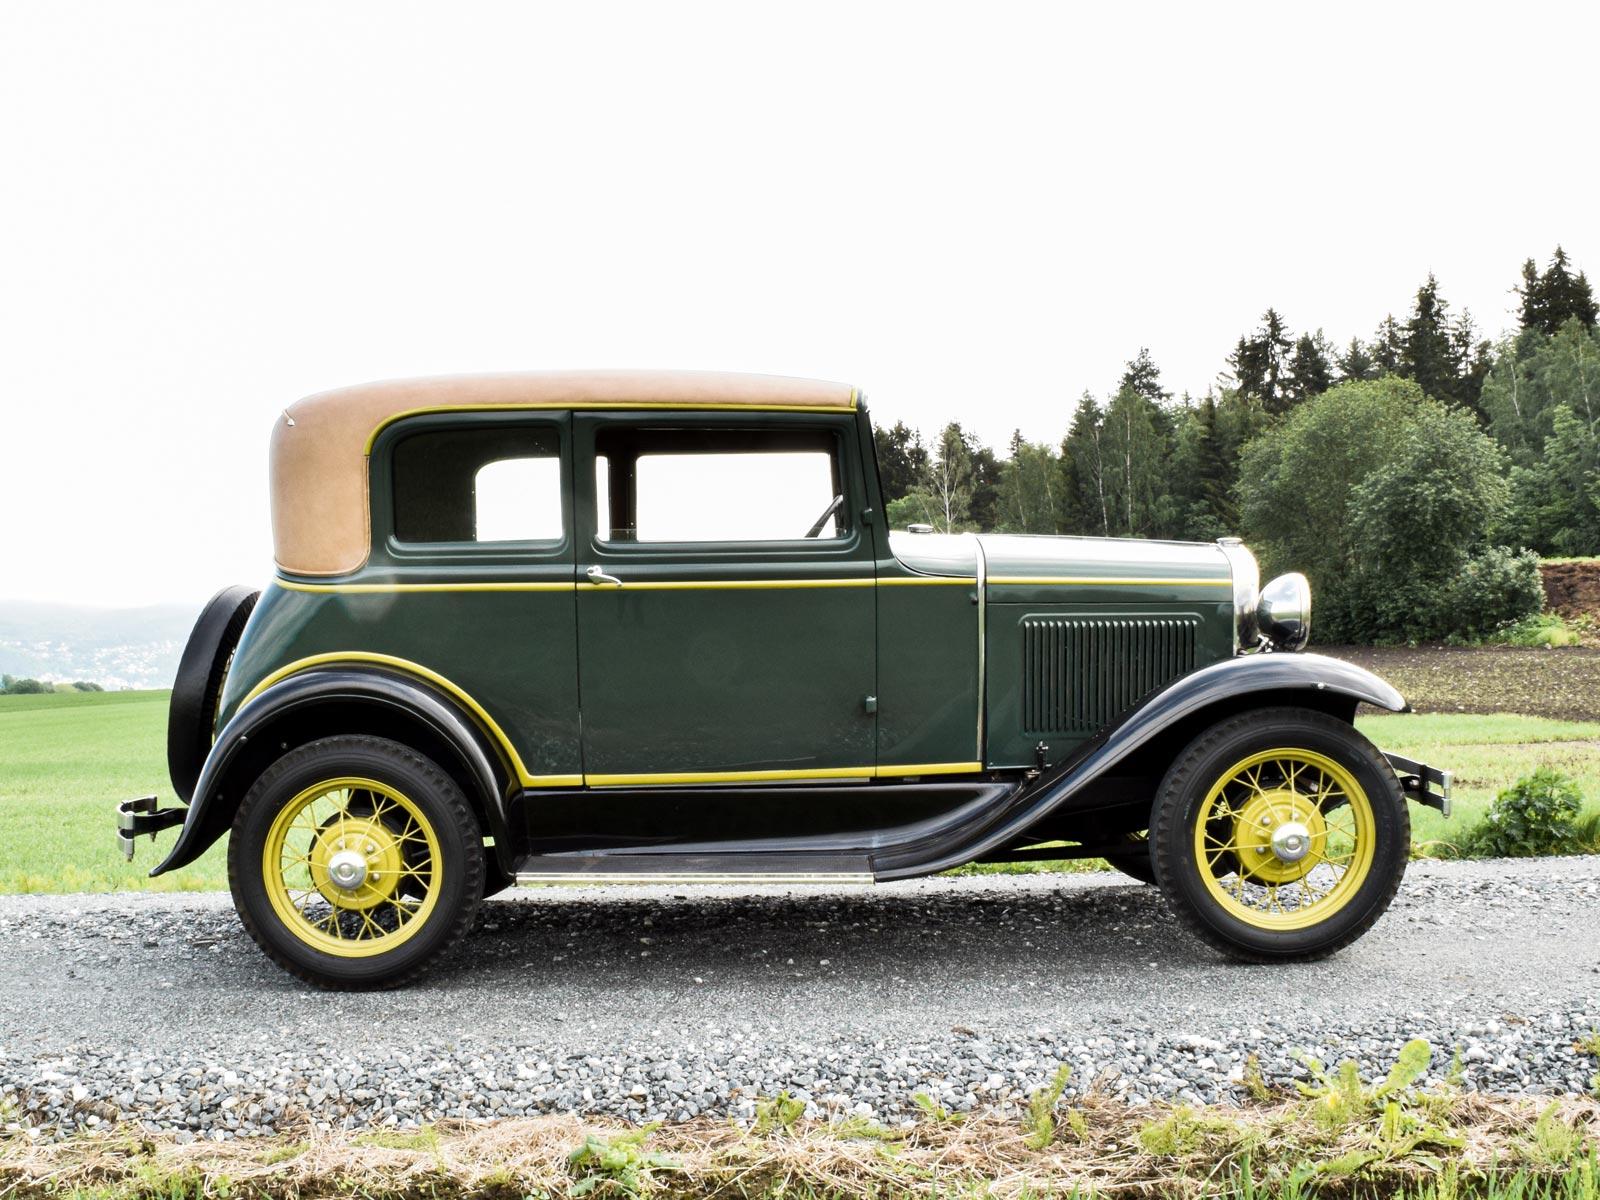 Ford A Victoria Coupe 1931 modell. Se vårt utvalg av biler